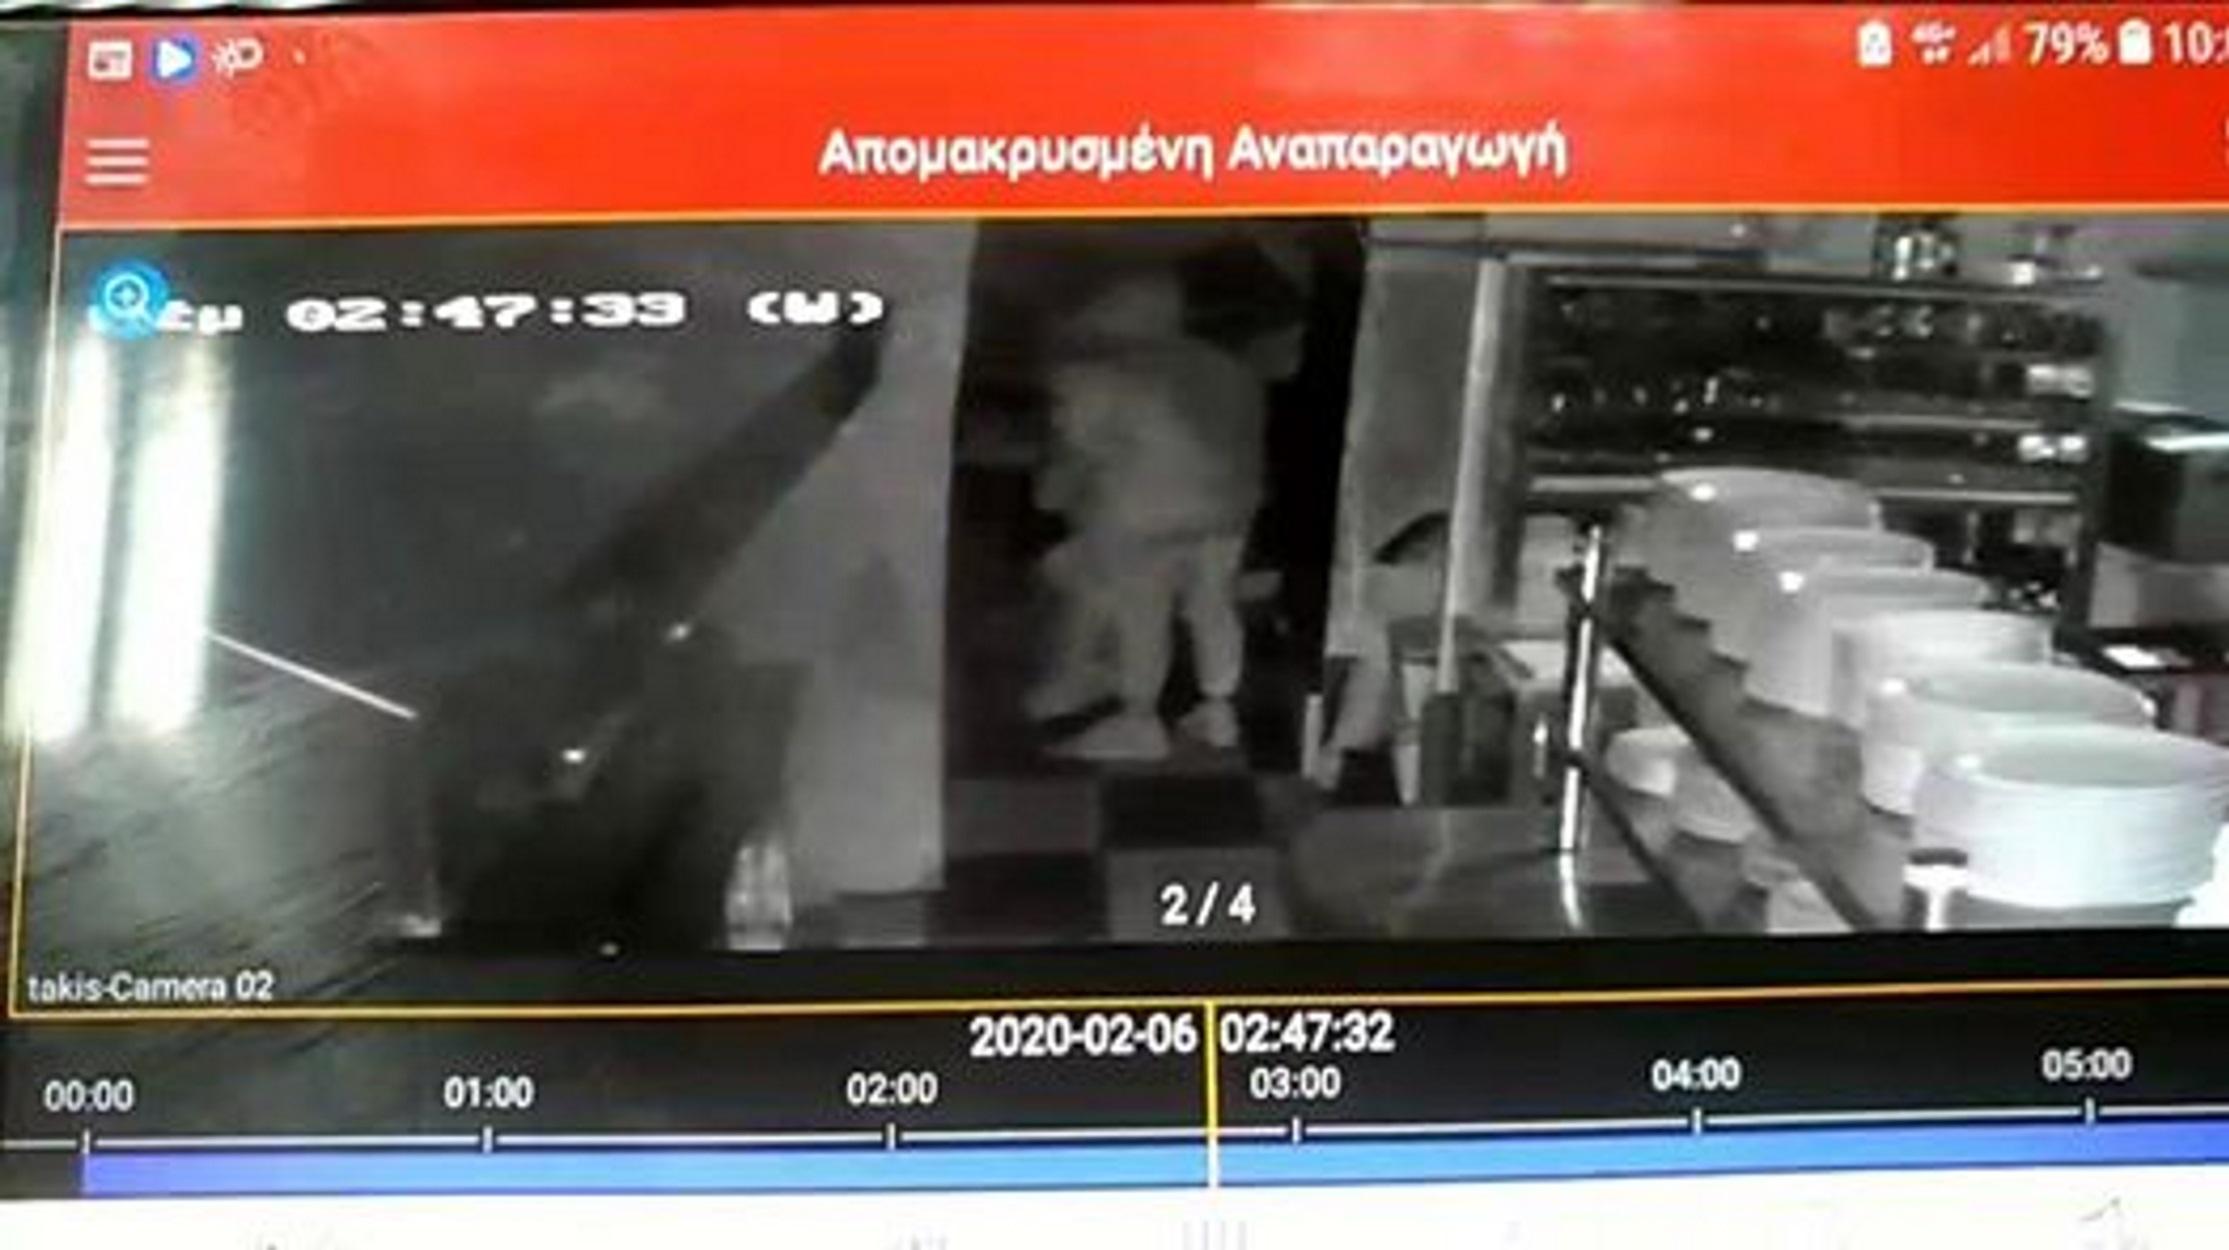 """Βίντεο σοκ: """"Καταδρομική"""" ληστεία σε καφενείο στην Μυτιλήνη"""